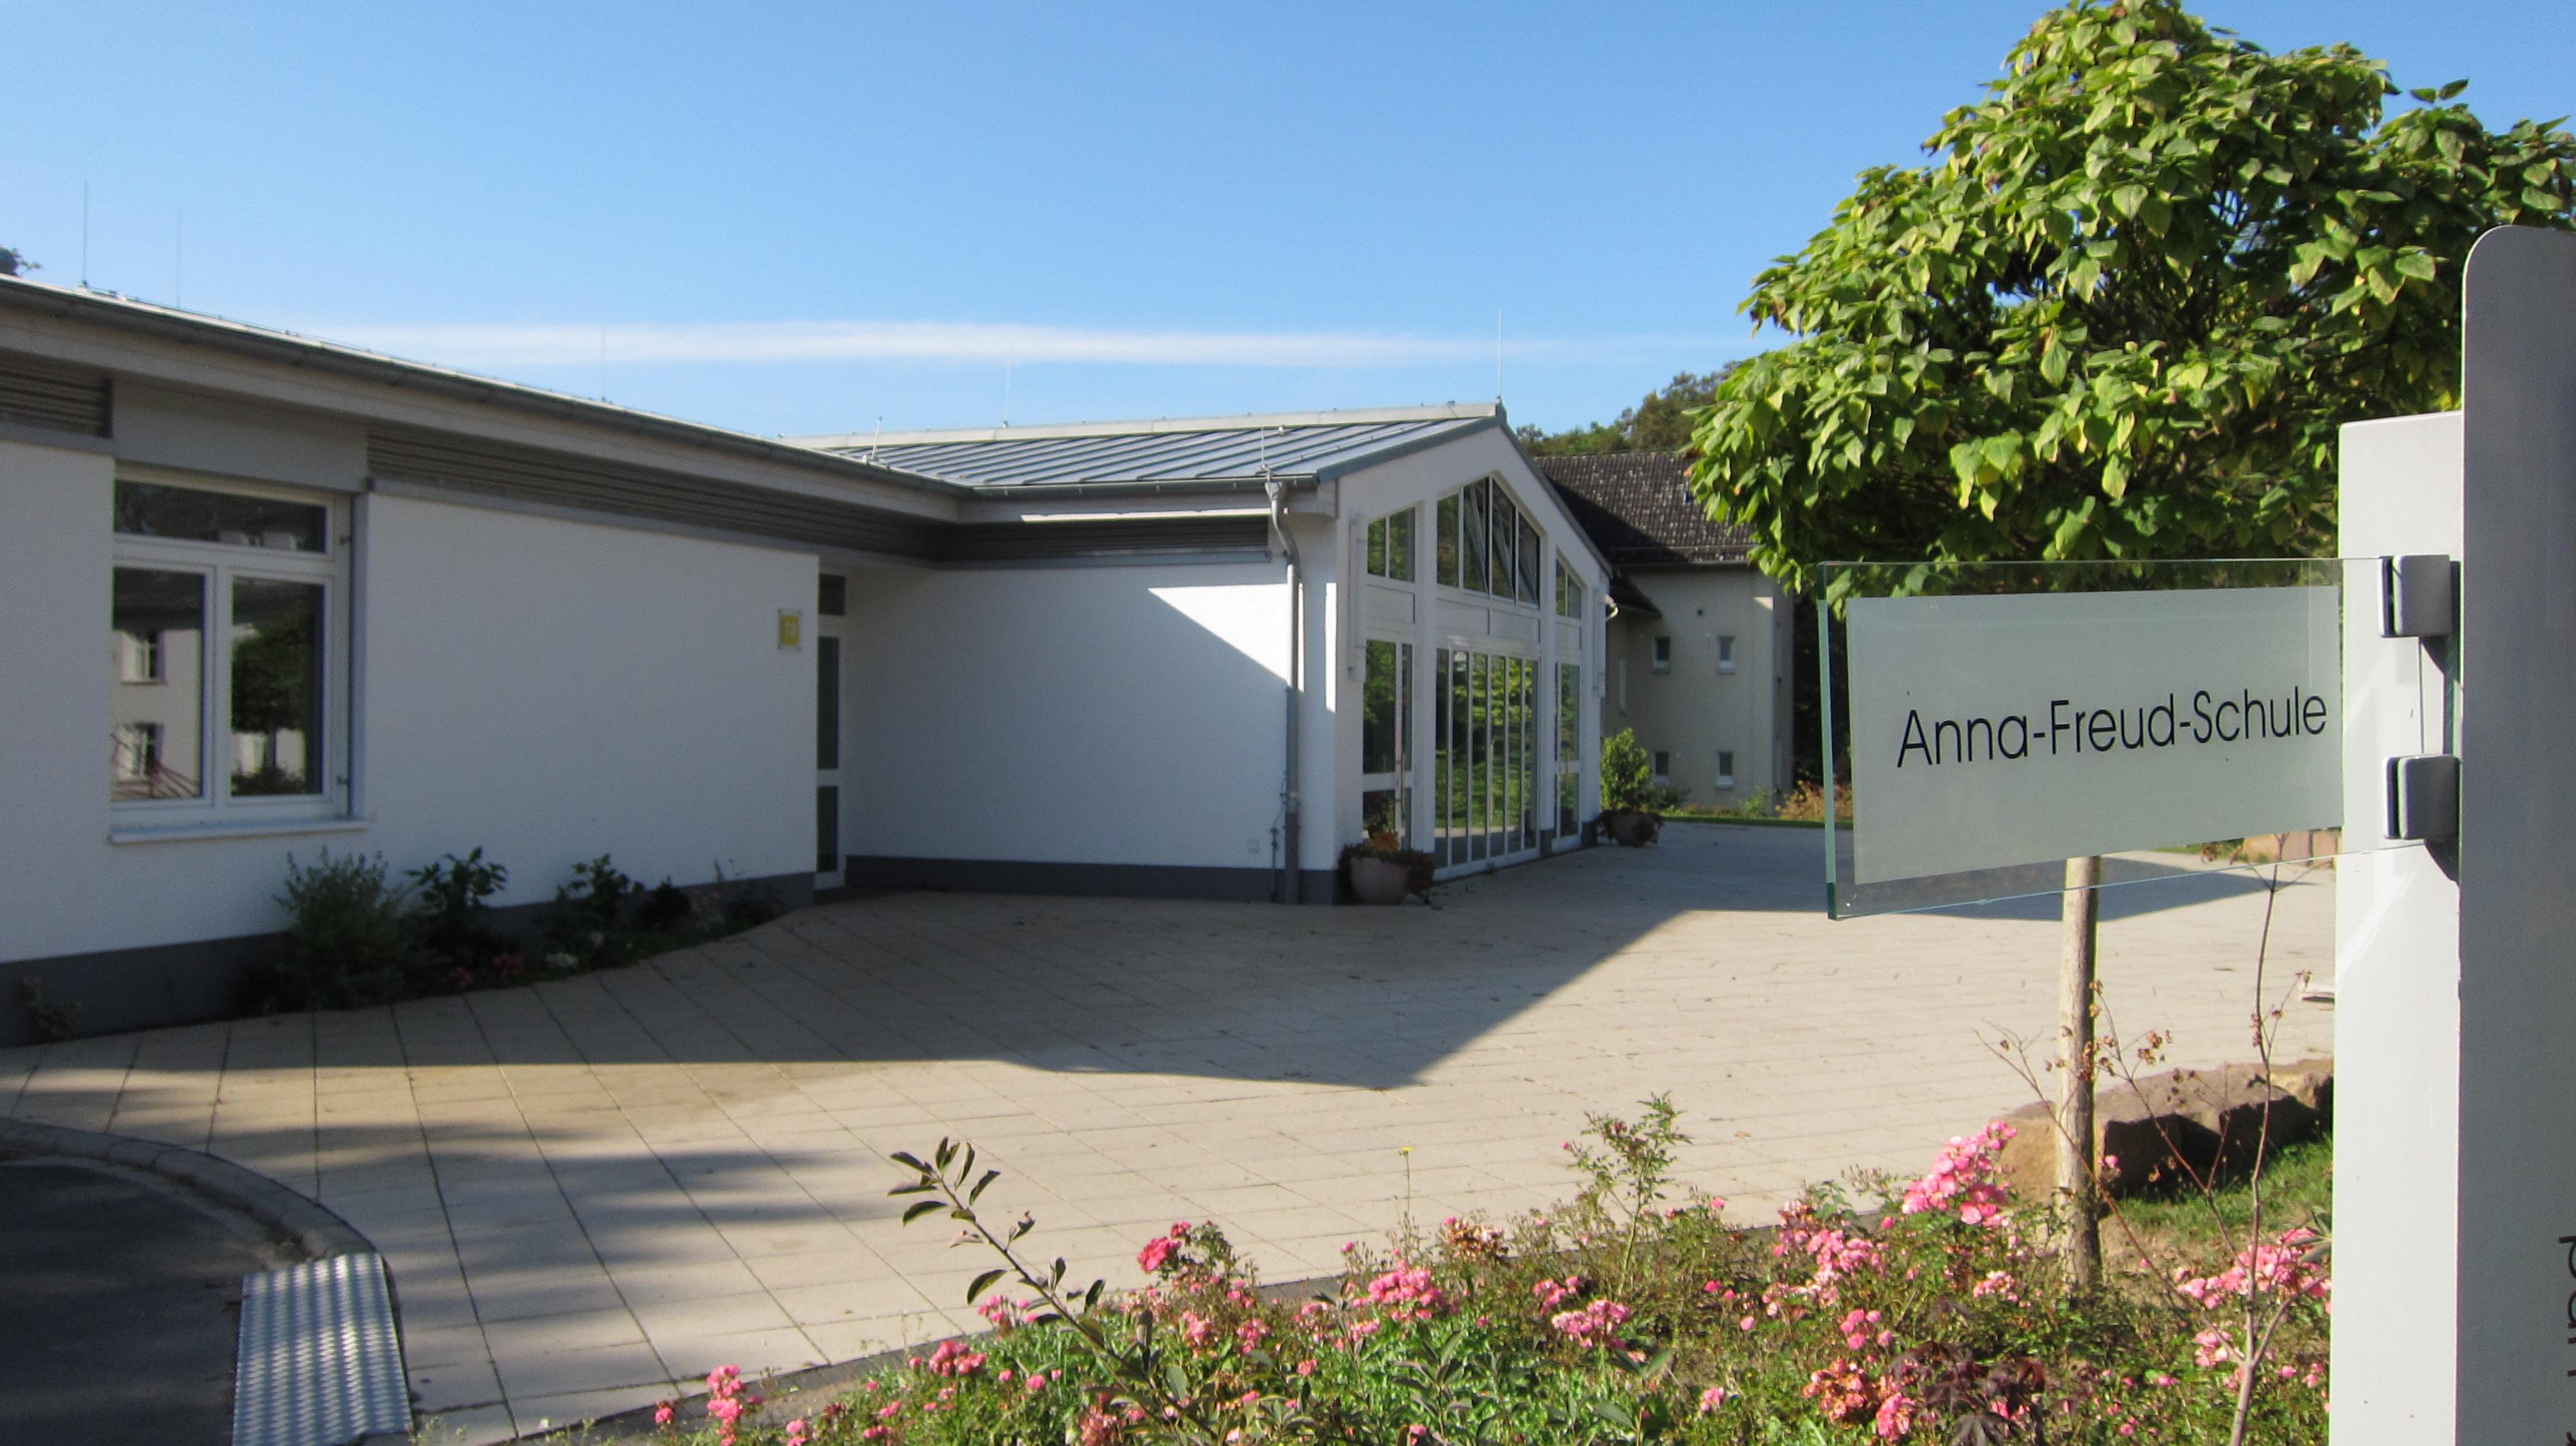 Blick auf den Neubau der Anna-Freud-Schule